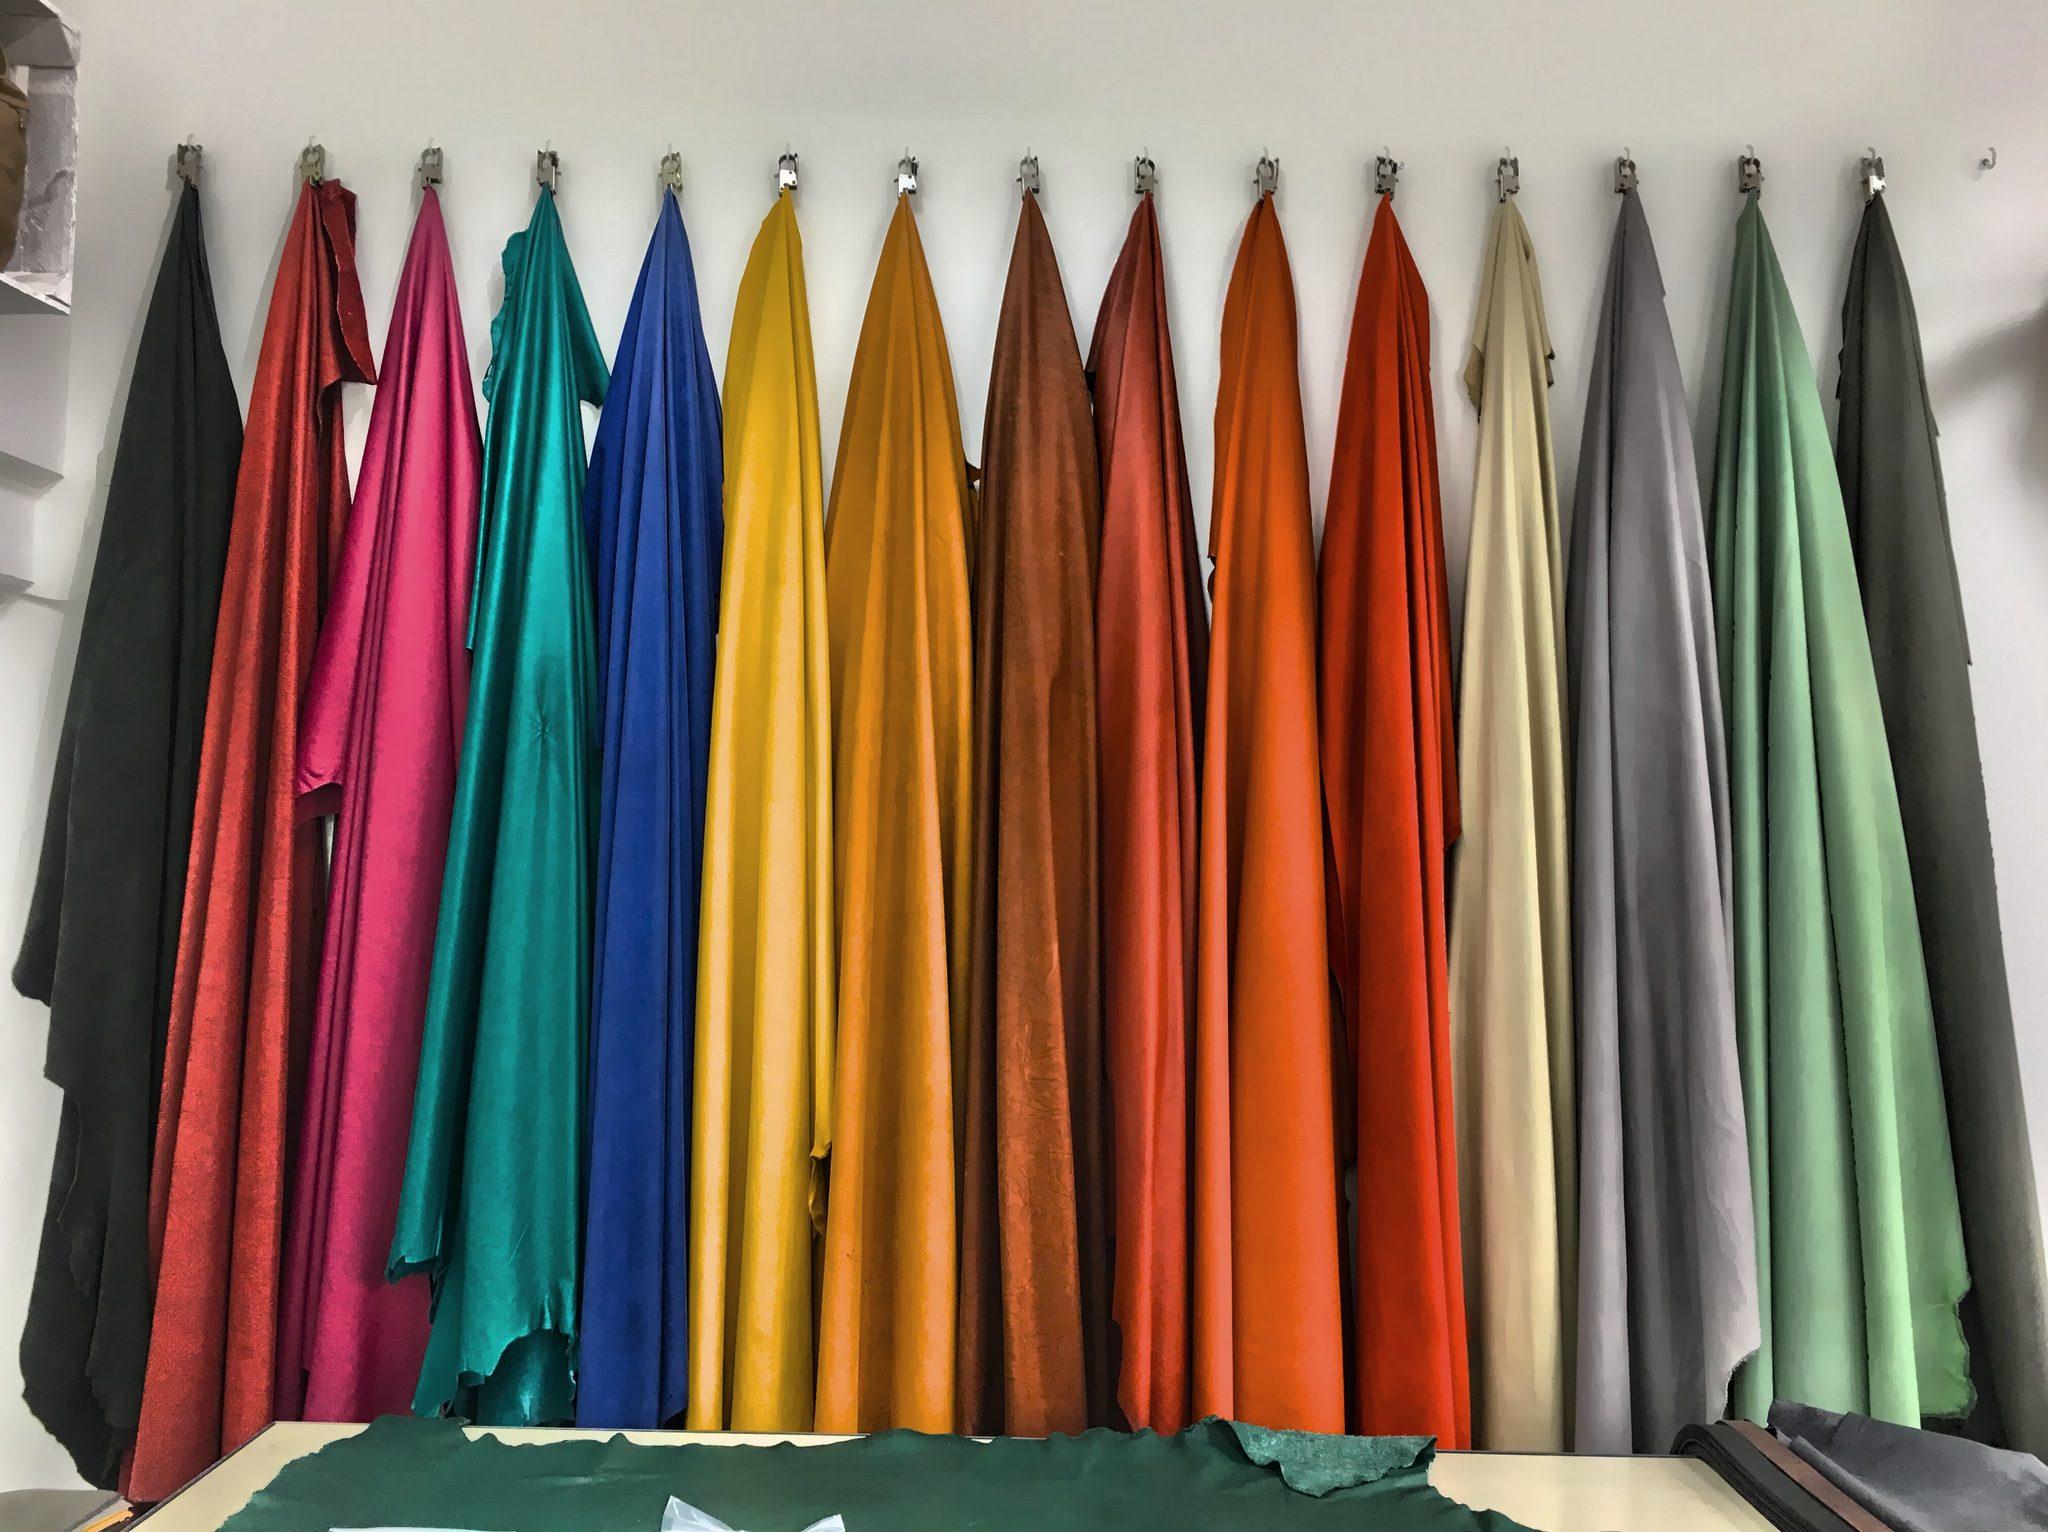 Tolle Farben an der Wand - alles Leder!